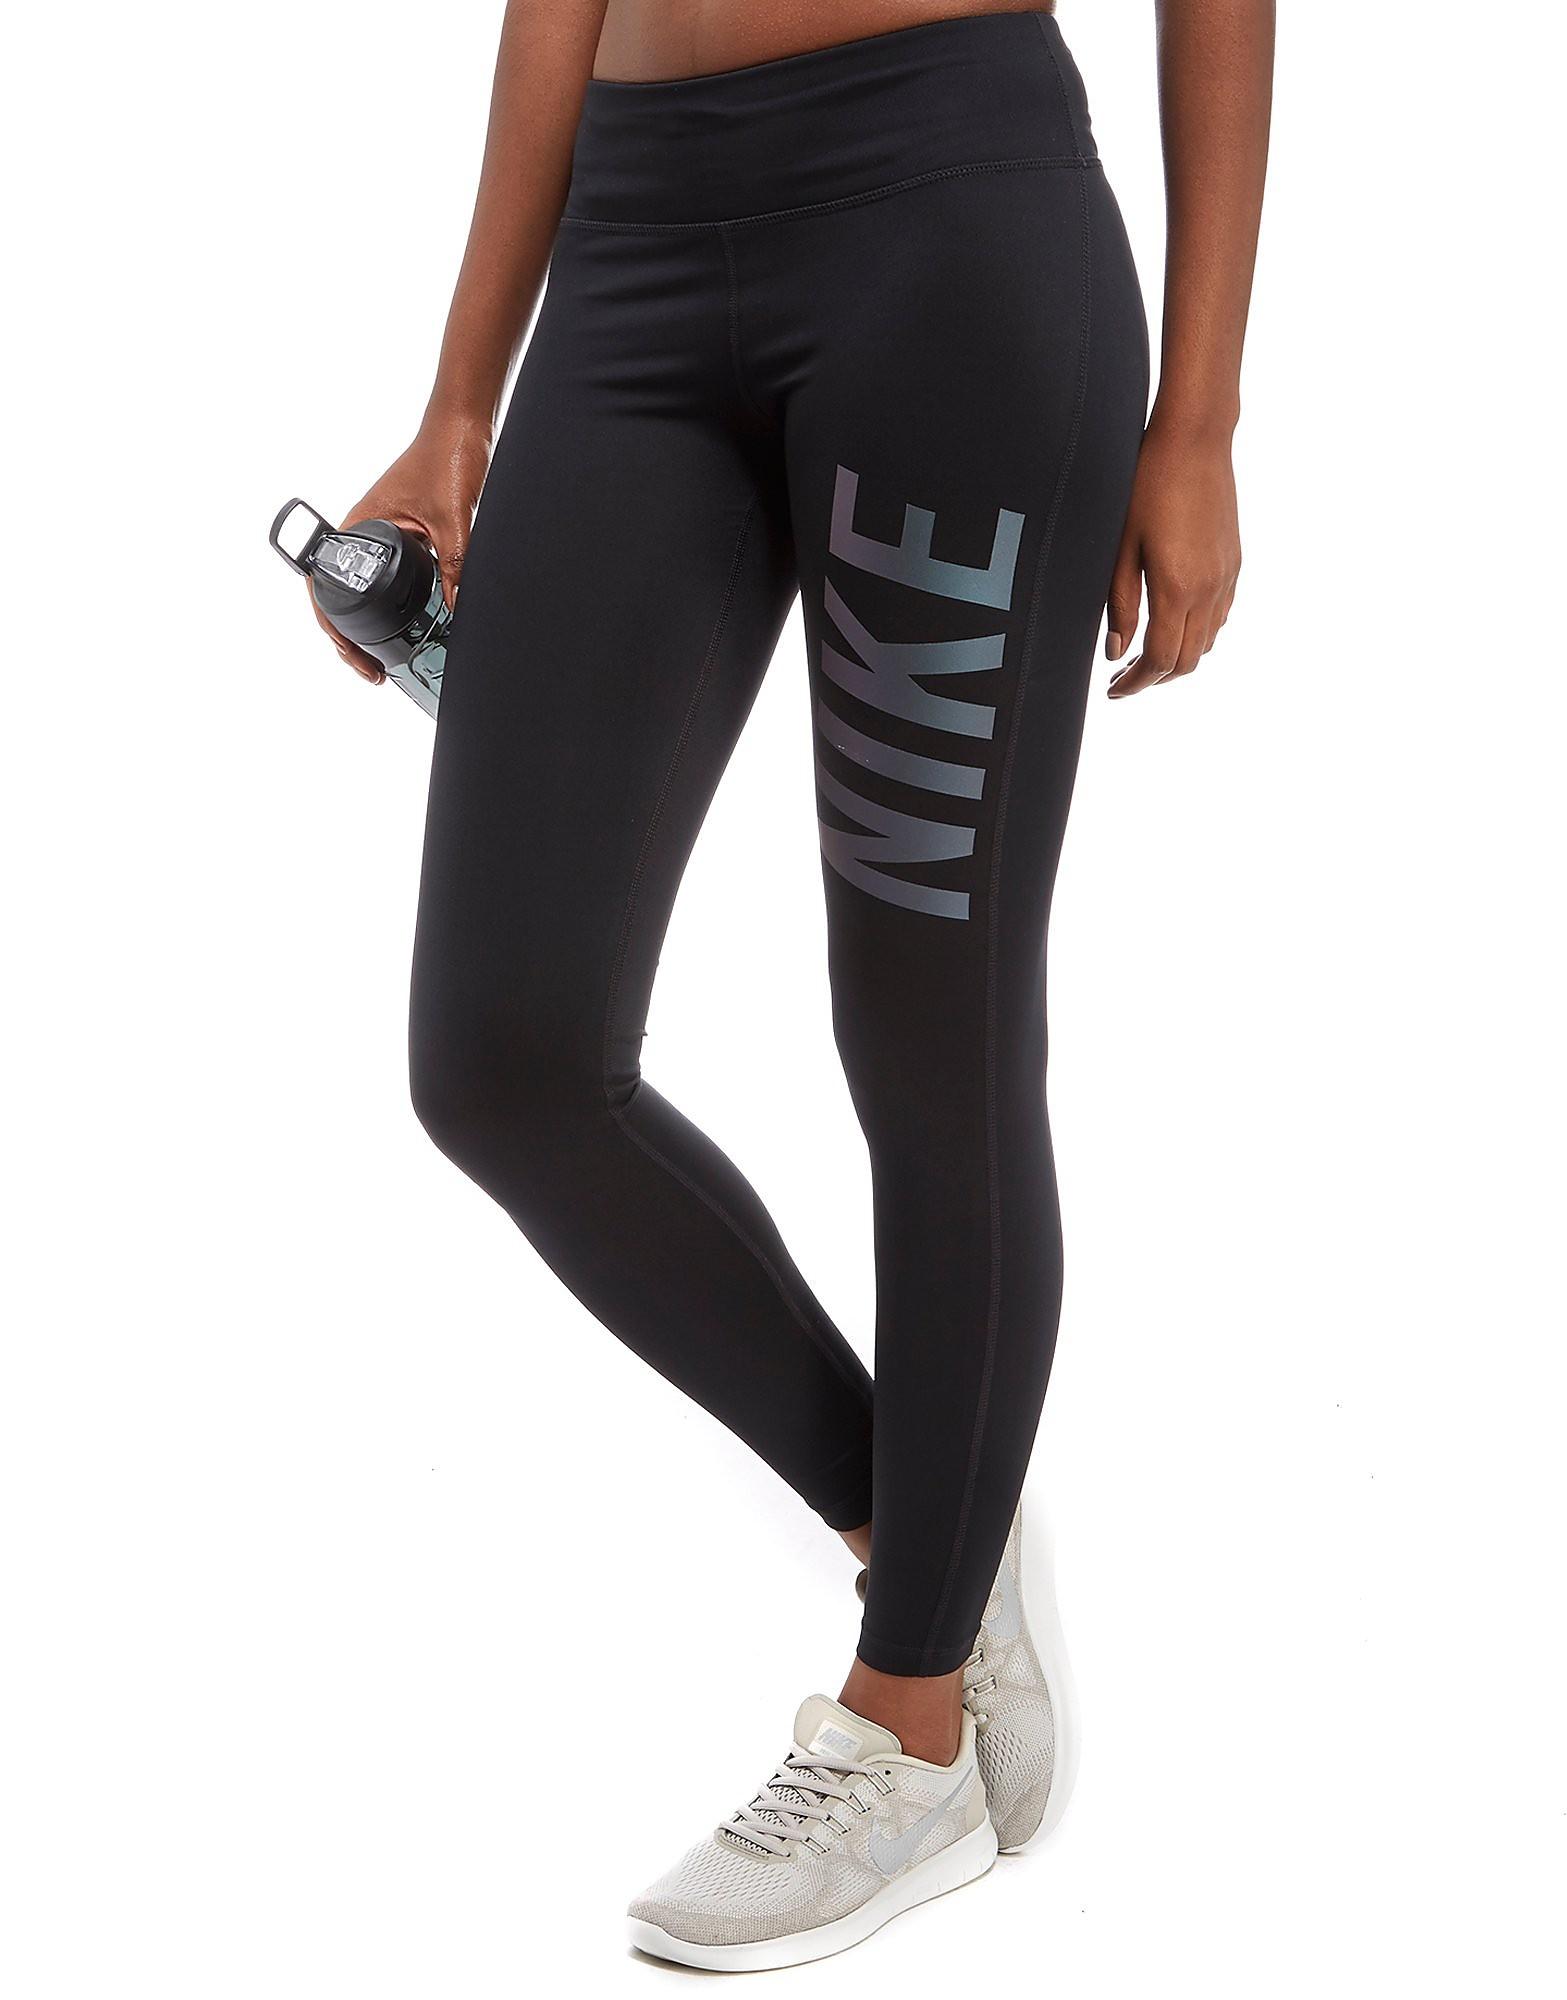 Nike Power Metallic Run Tights